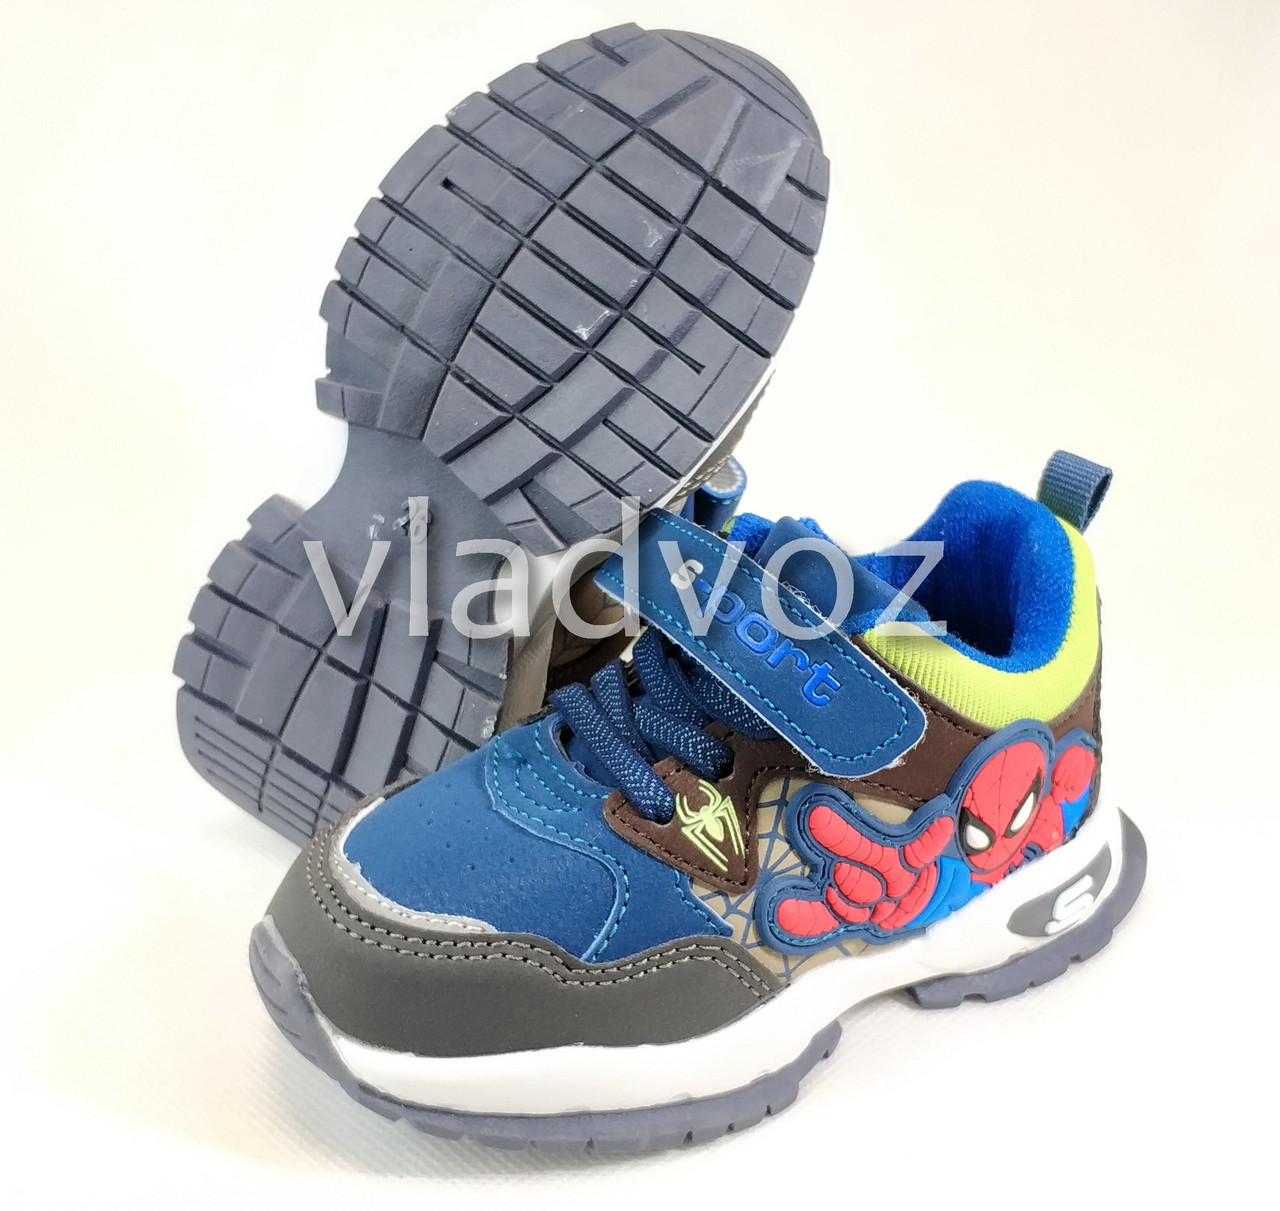 Детские кроссовки для мальчика спайдер мен синий с серым 4073-1